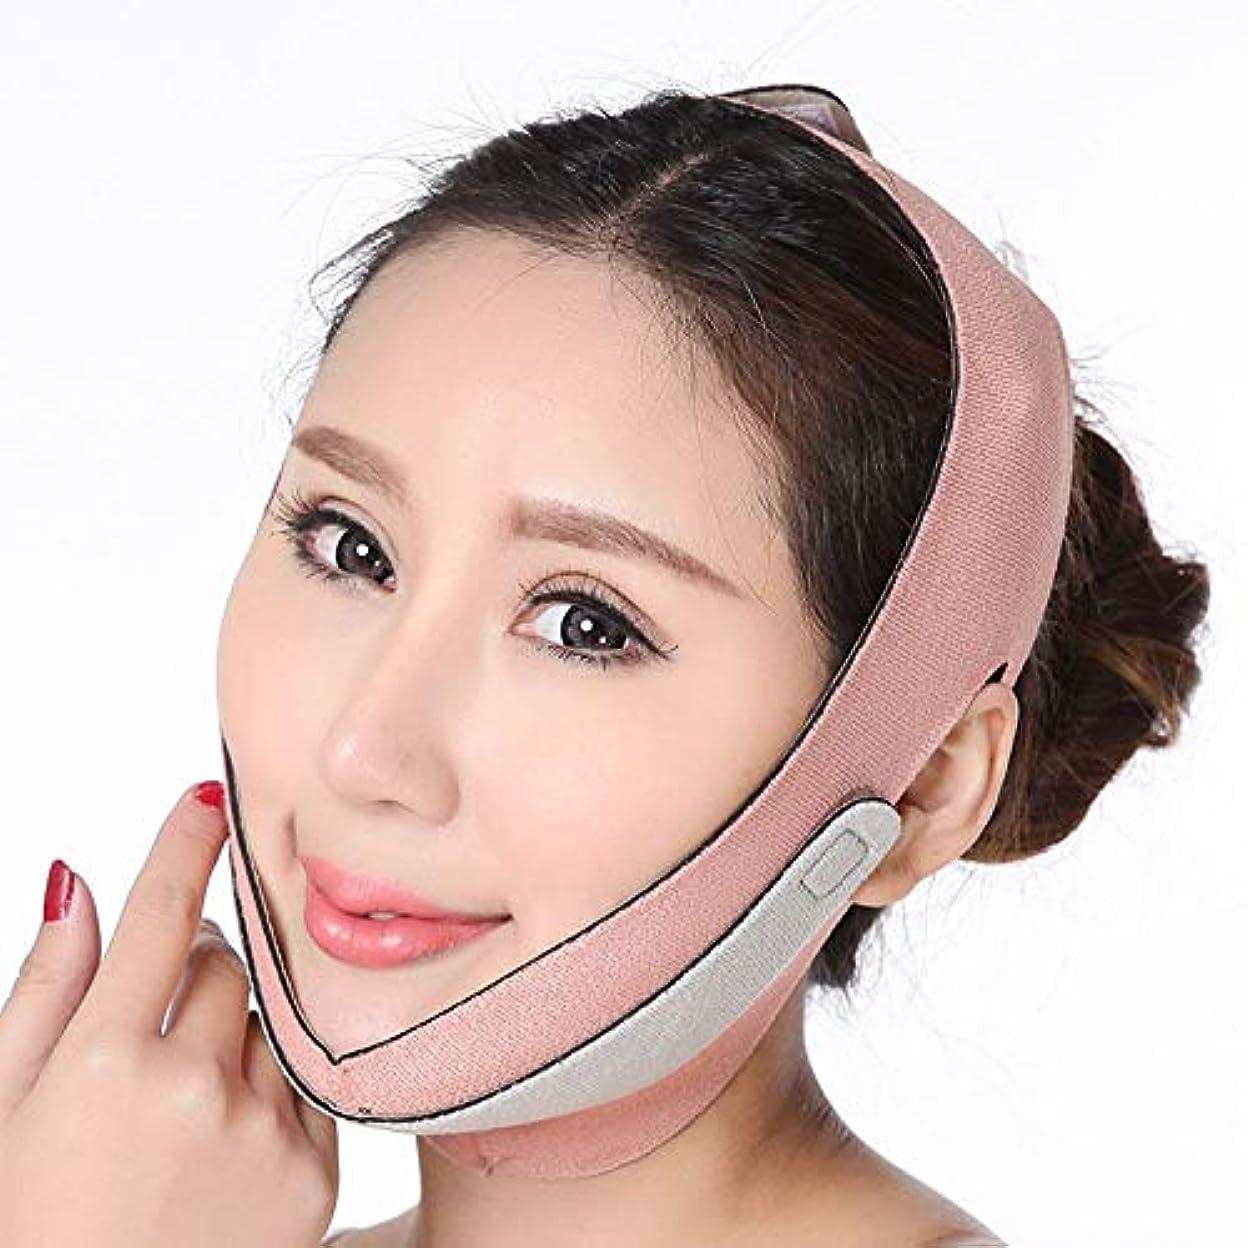 フォーカス悲観的に負けるJia Jia- シンフェイス包帯シンフェイスマスクフェイスリフトアーティファクトレイズVフェイスシンフェイスフェイスリフティング美容マスク小フェイス包帯 顔面包帯 (色 : A)